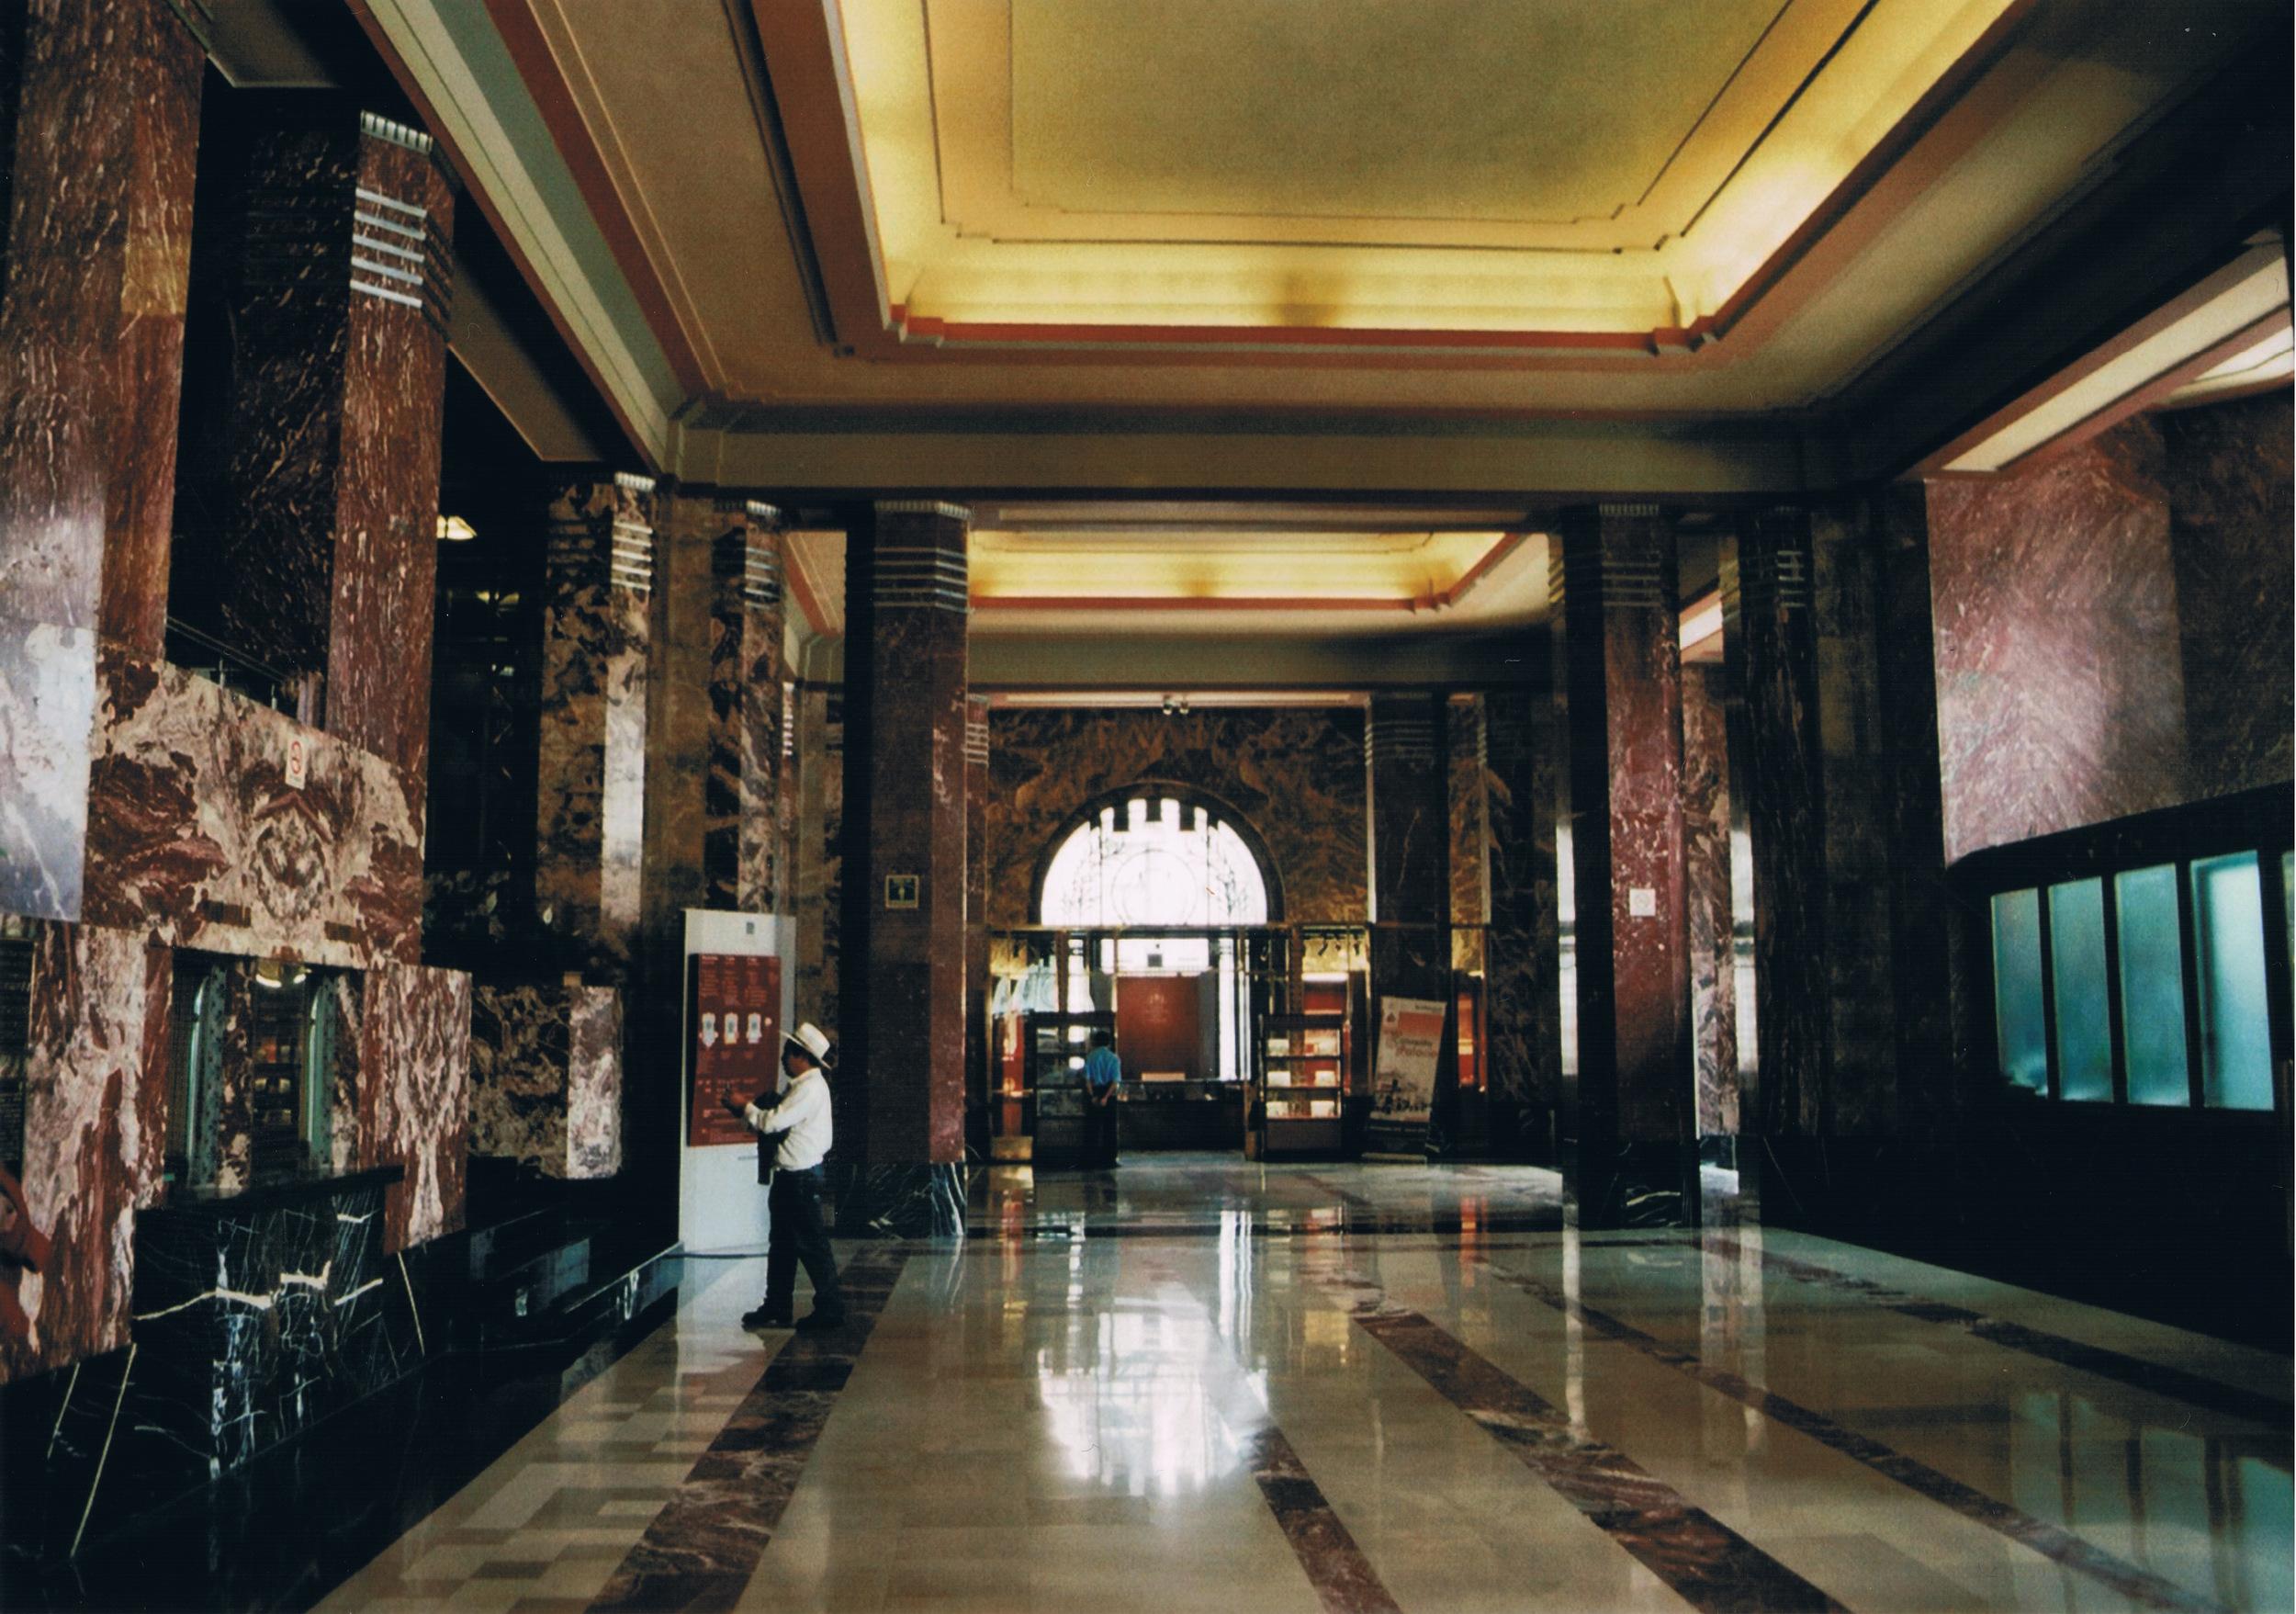 bellas artes interior.jpeg